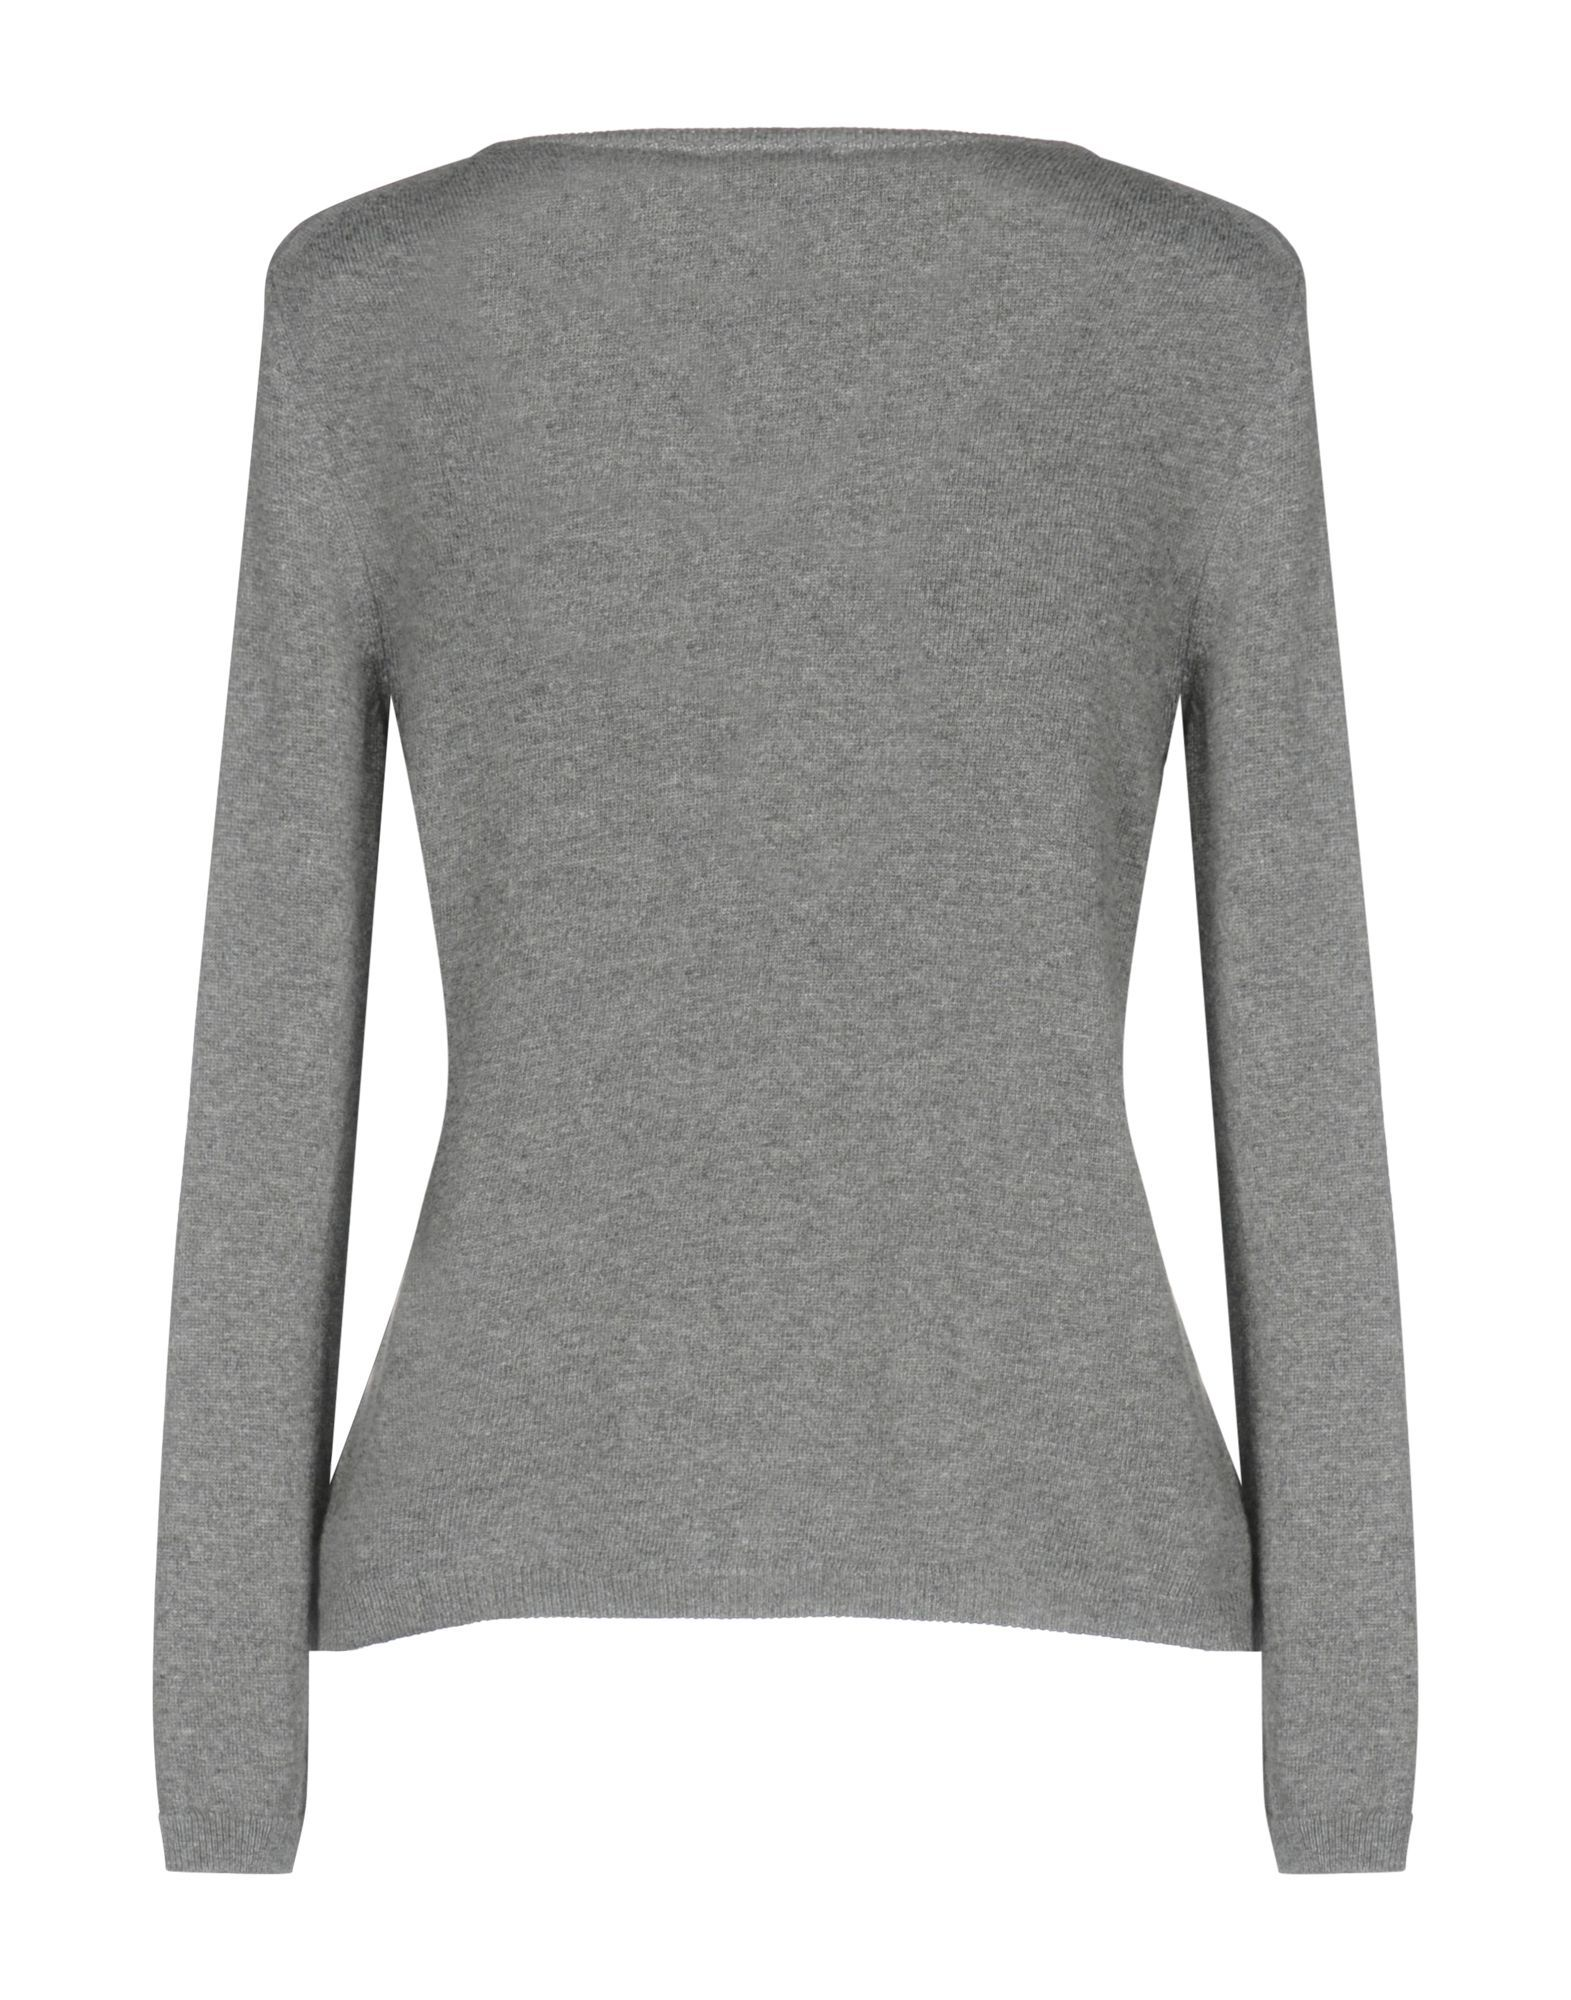 KNITWEAR Henry Cotton'S Grey Woman Merinos Wool